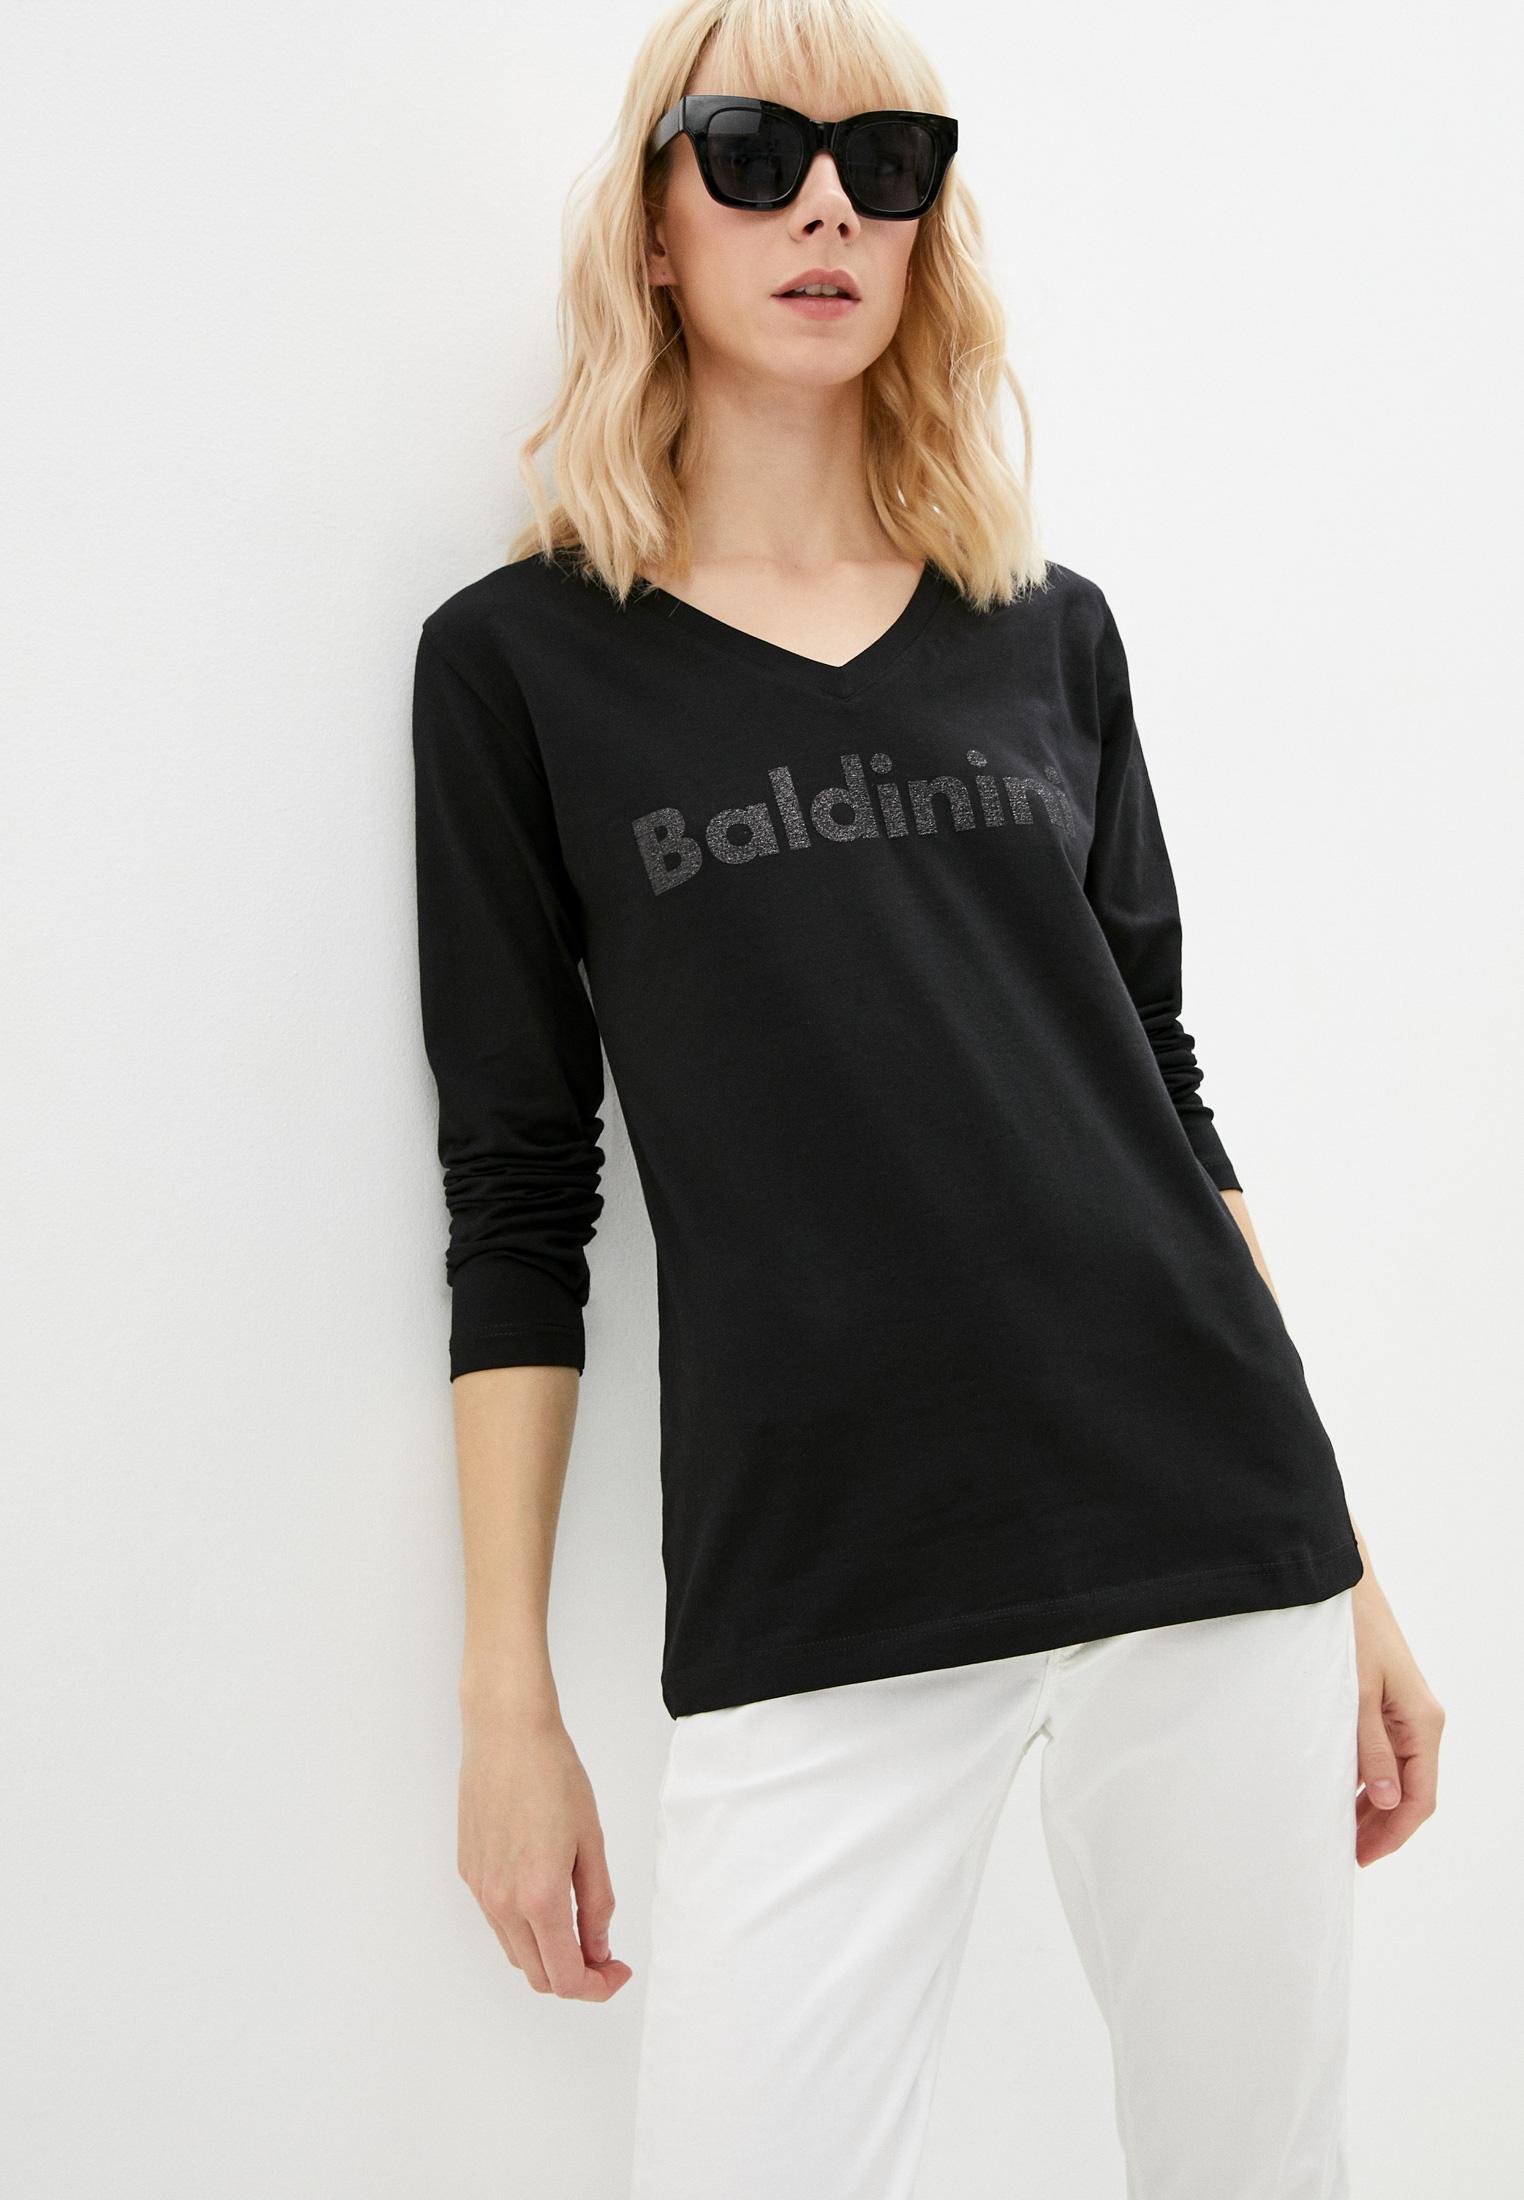 Футболка с коротким рукавом Baldinini (Балдинини) Футболка Baldinini